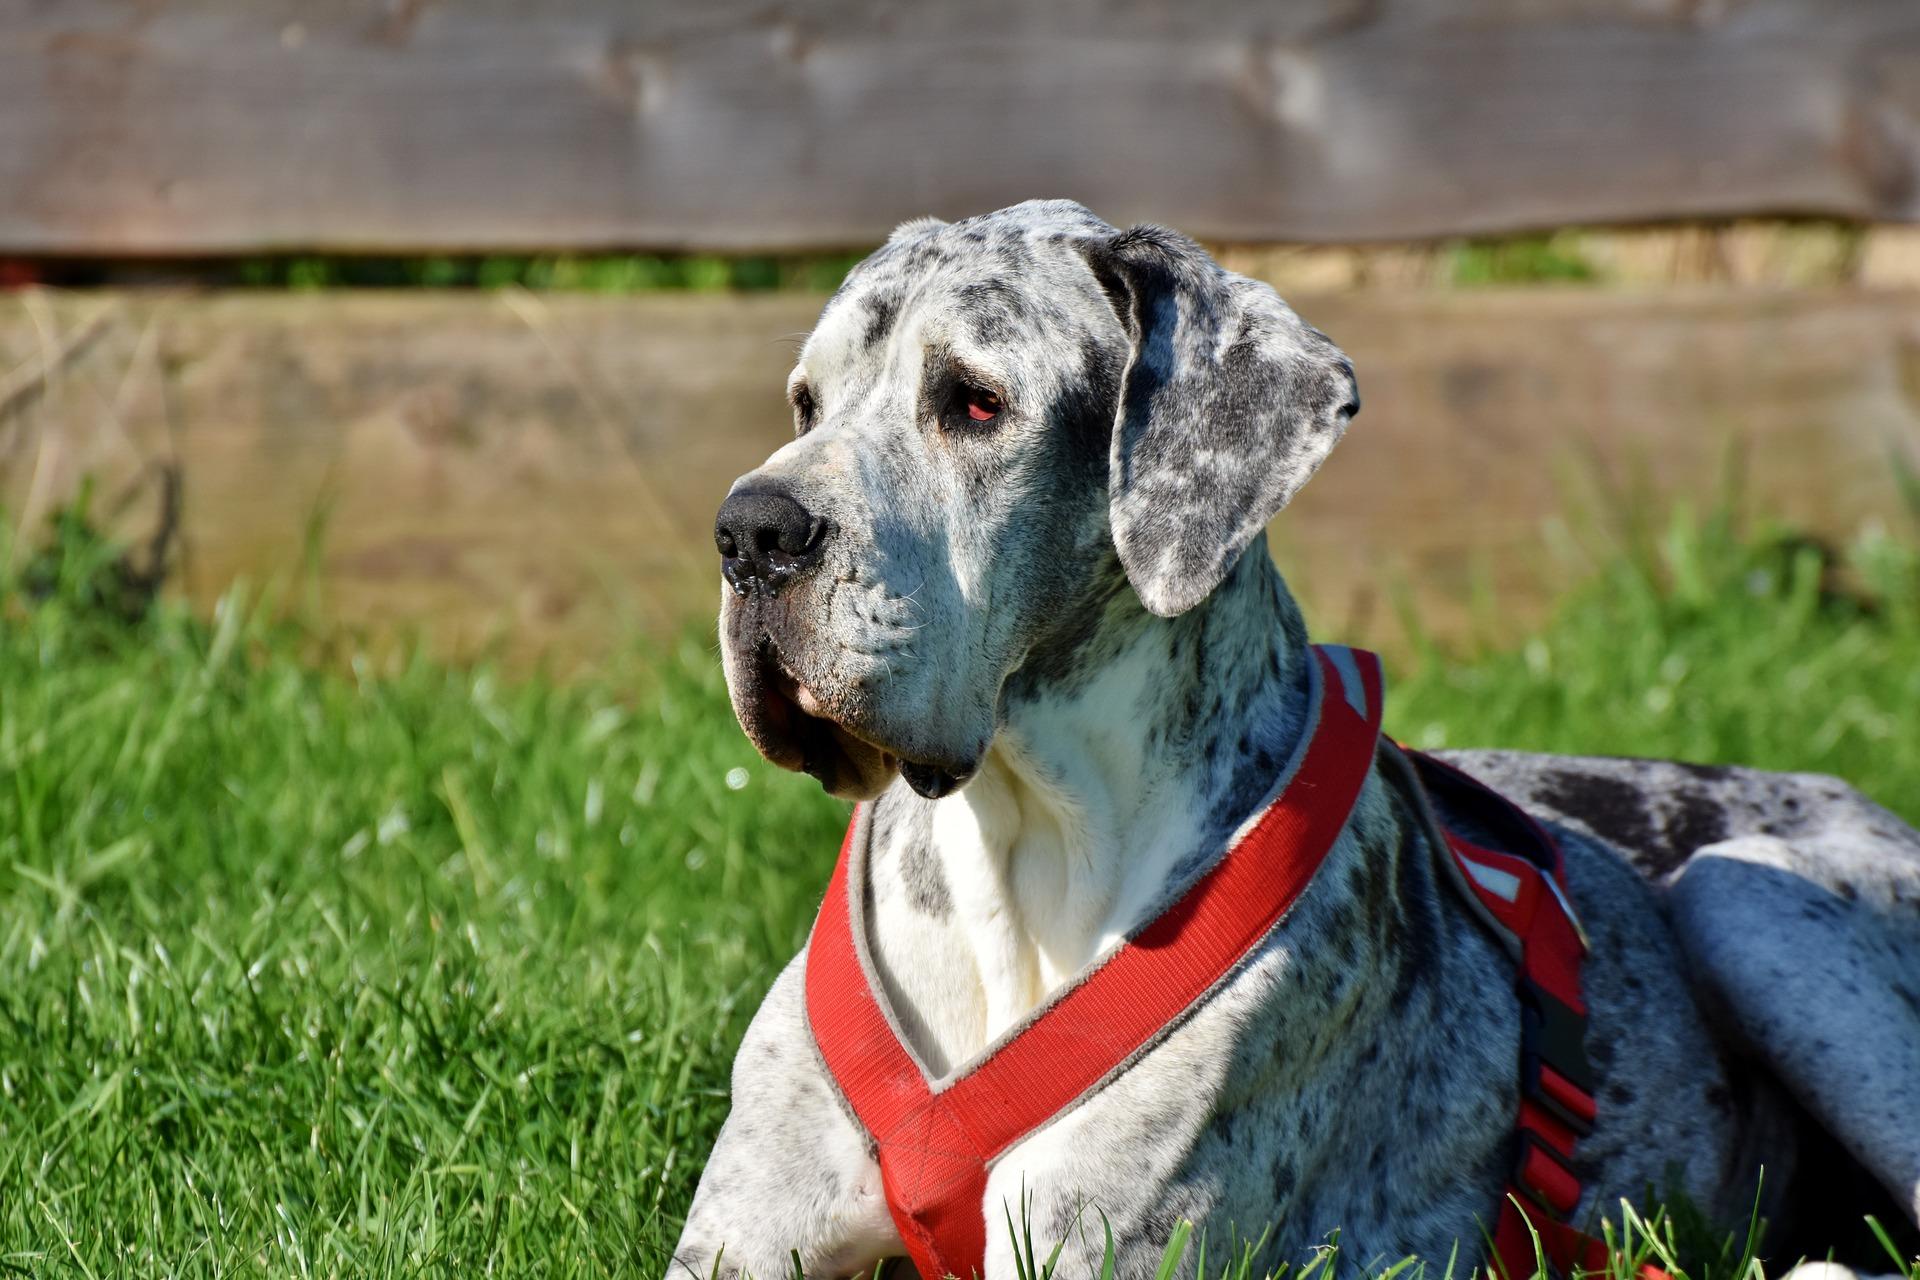 Dog niemiecki jest bardzo zrównoważonym psem, opanowanym i łatwym do współpracy.